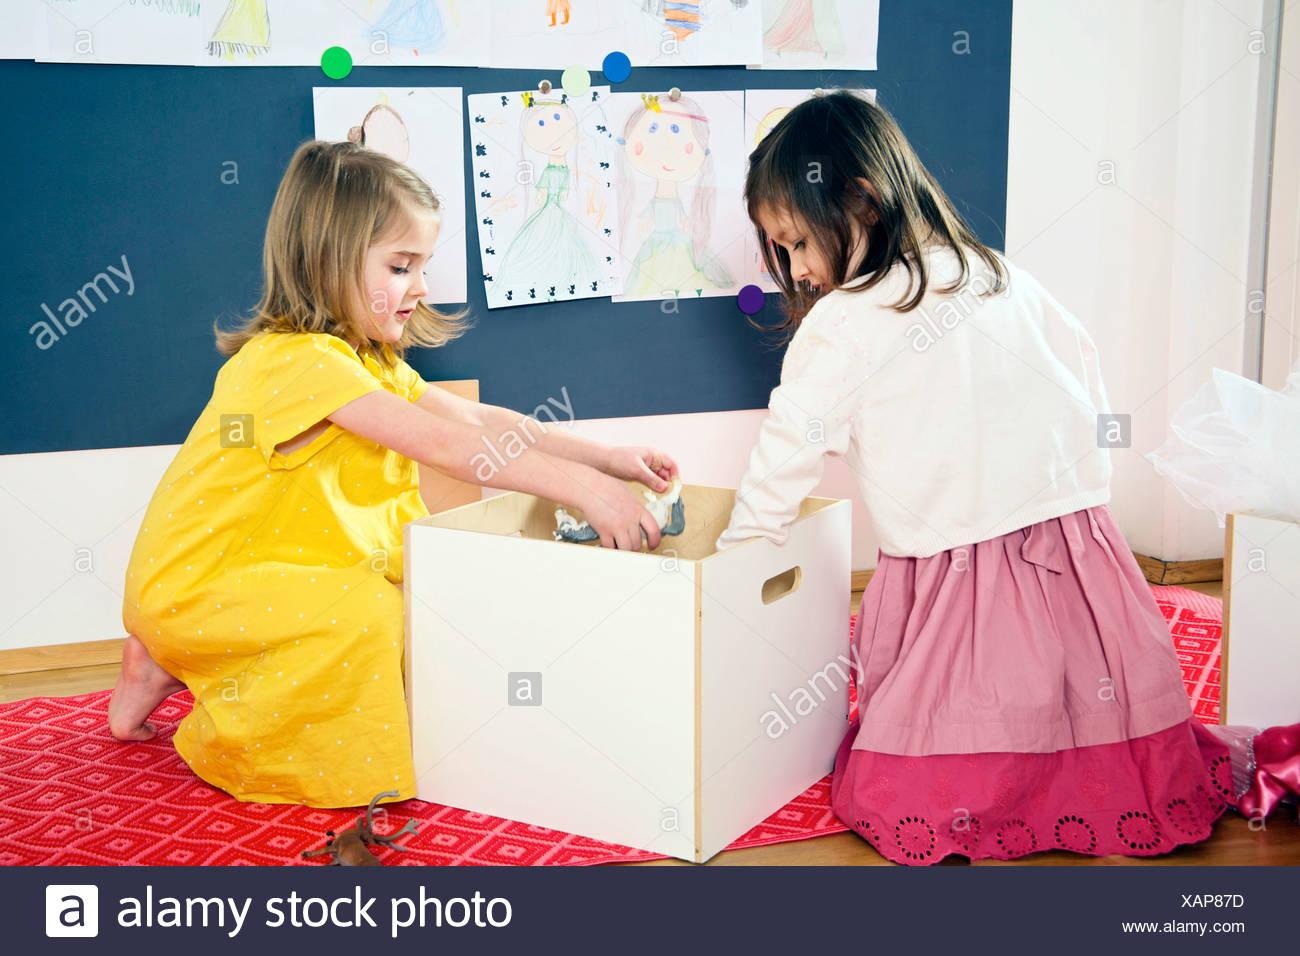 Dos niñas juegan en la guardería Imagen De Stock